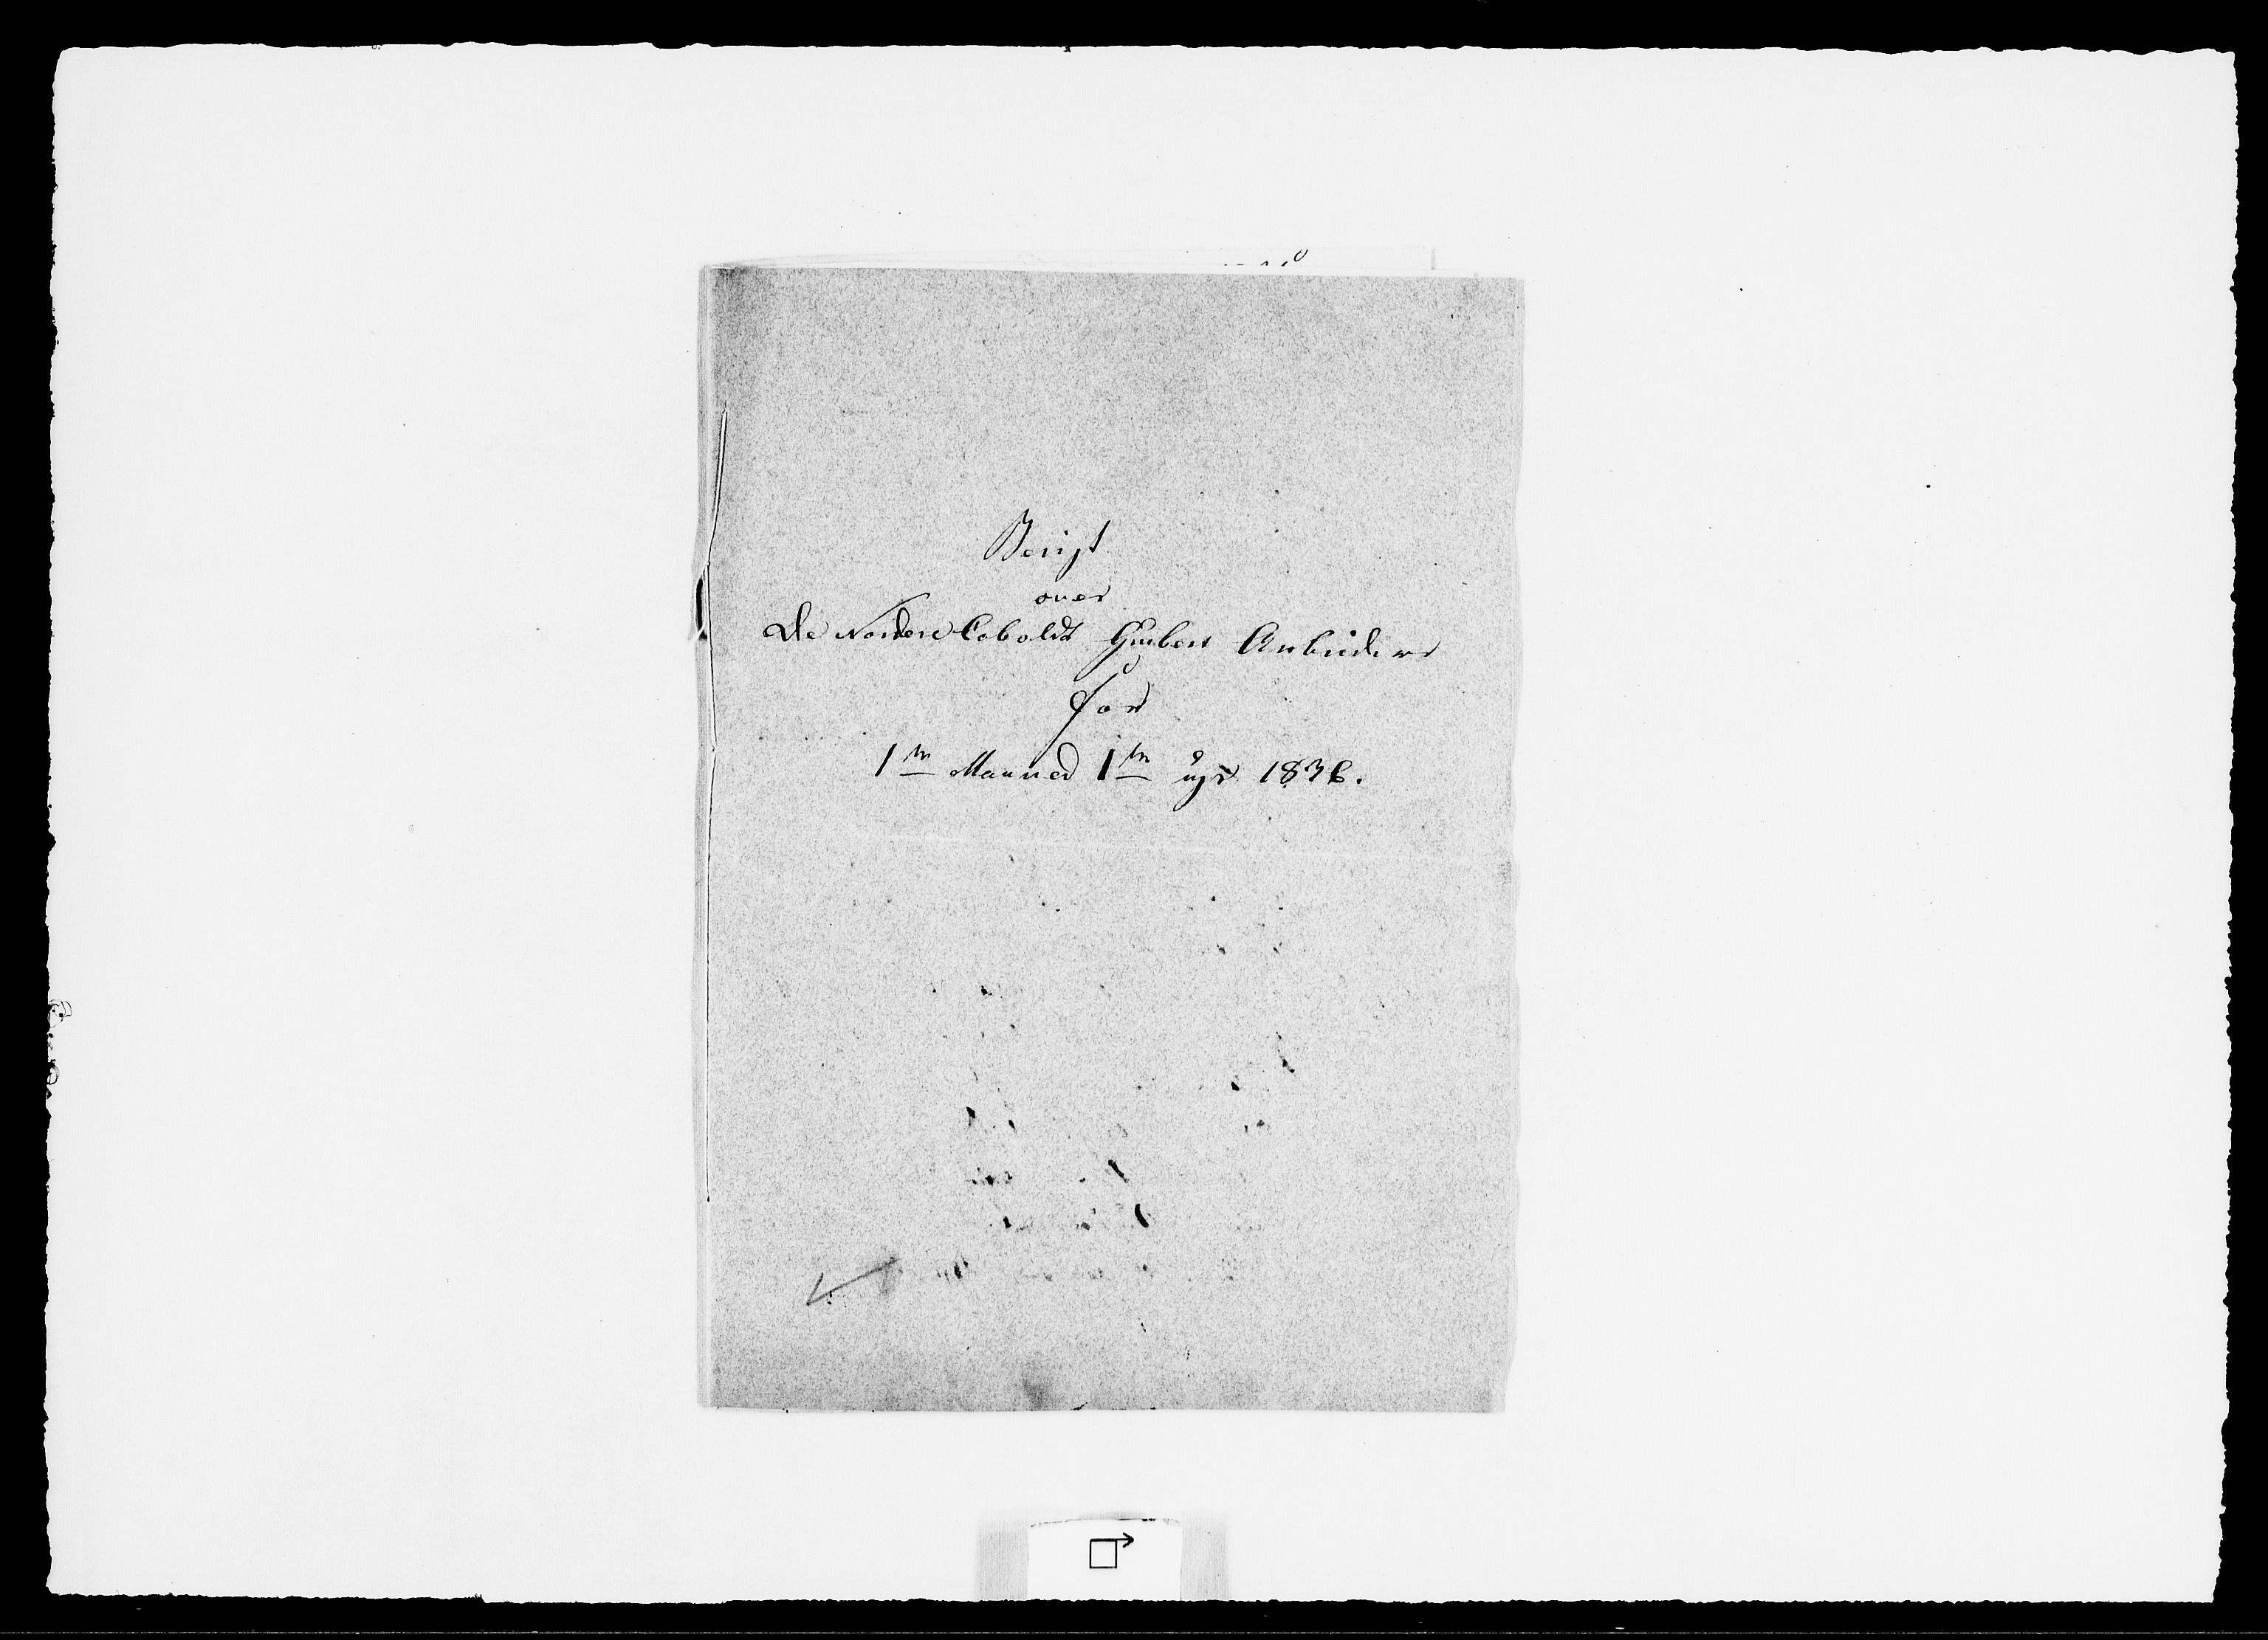 RA, Modums Blaafarveværk, G/Ge/L0350, 1836, s. 2